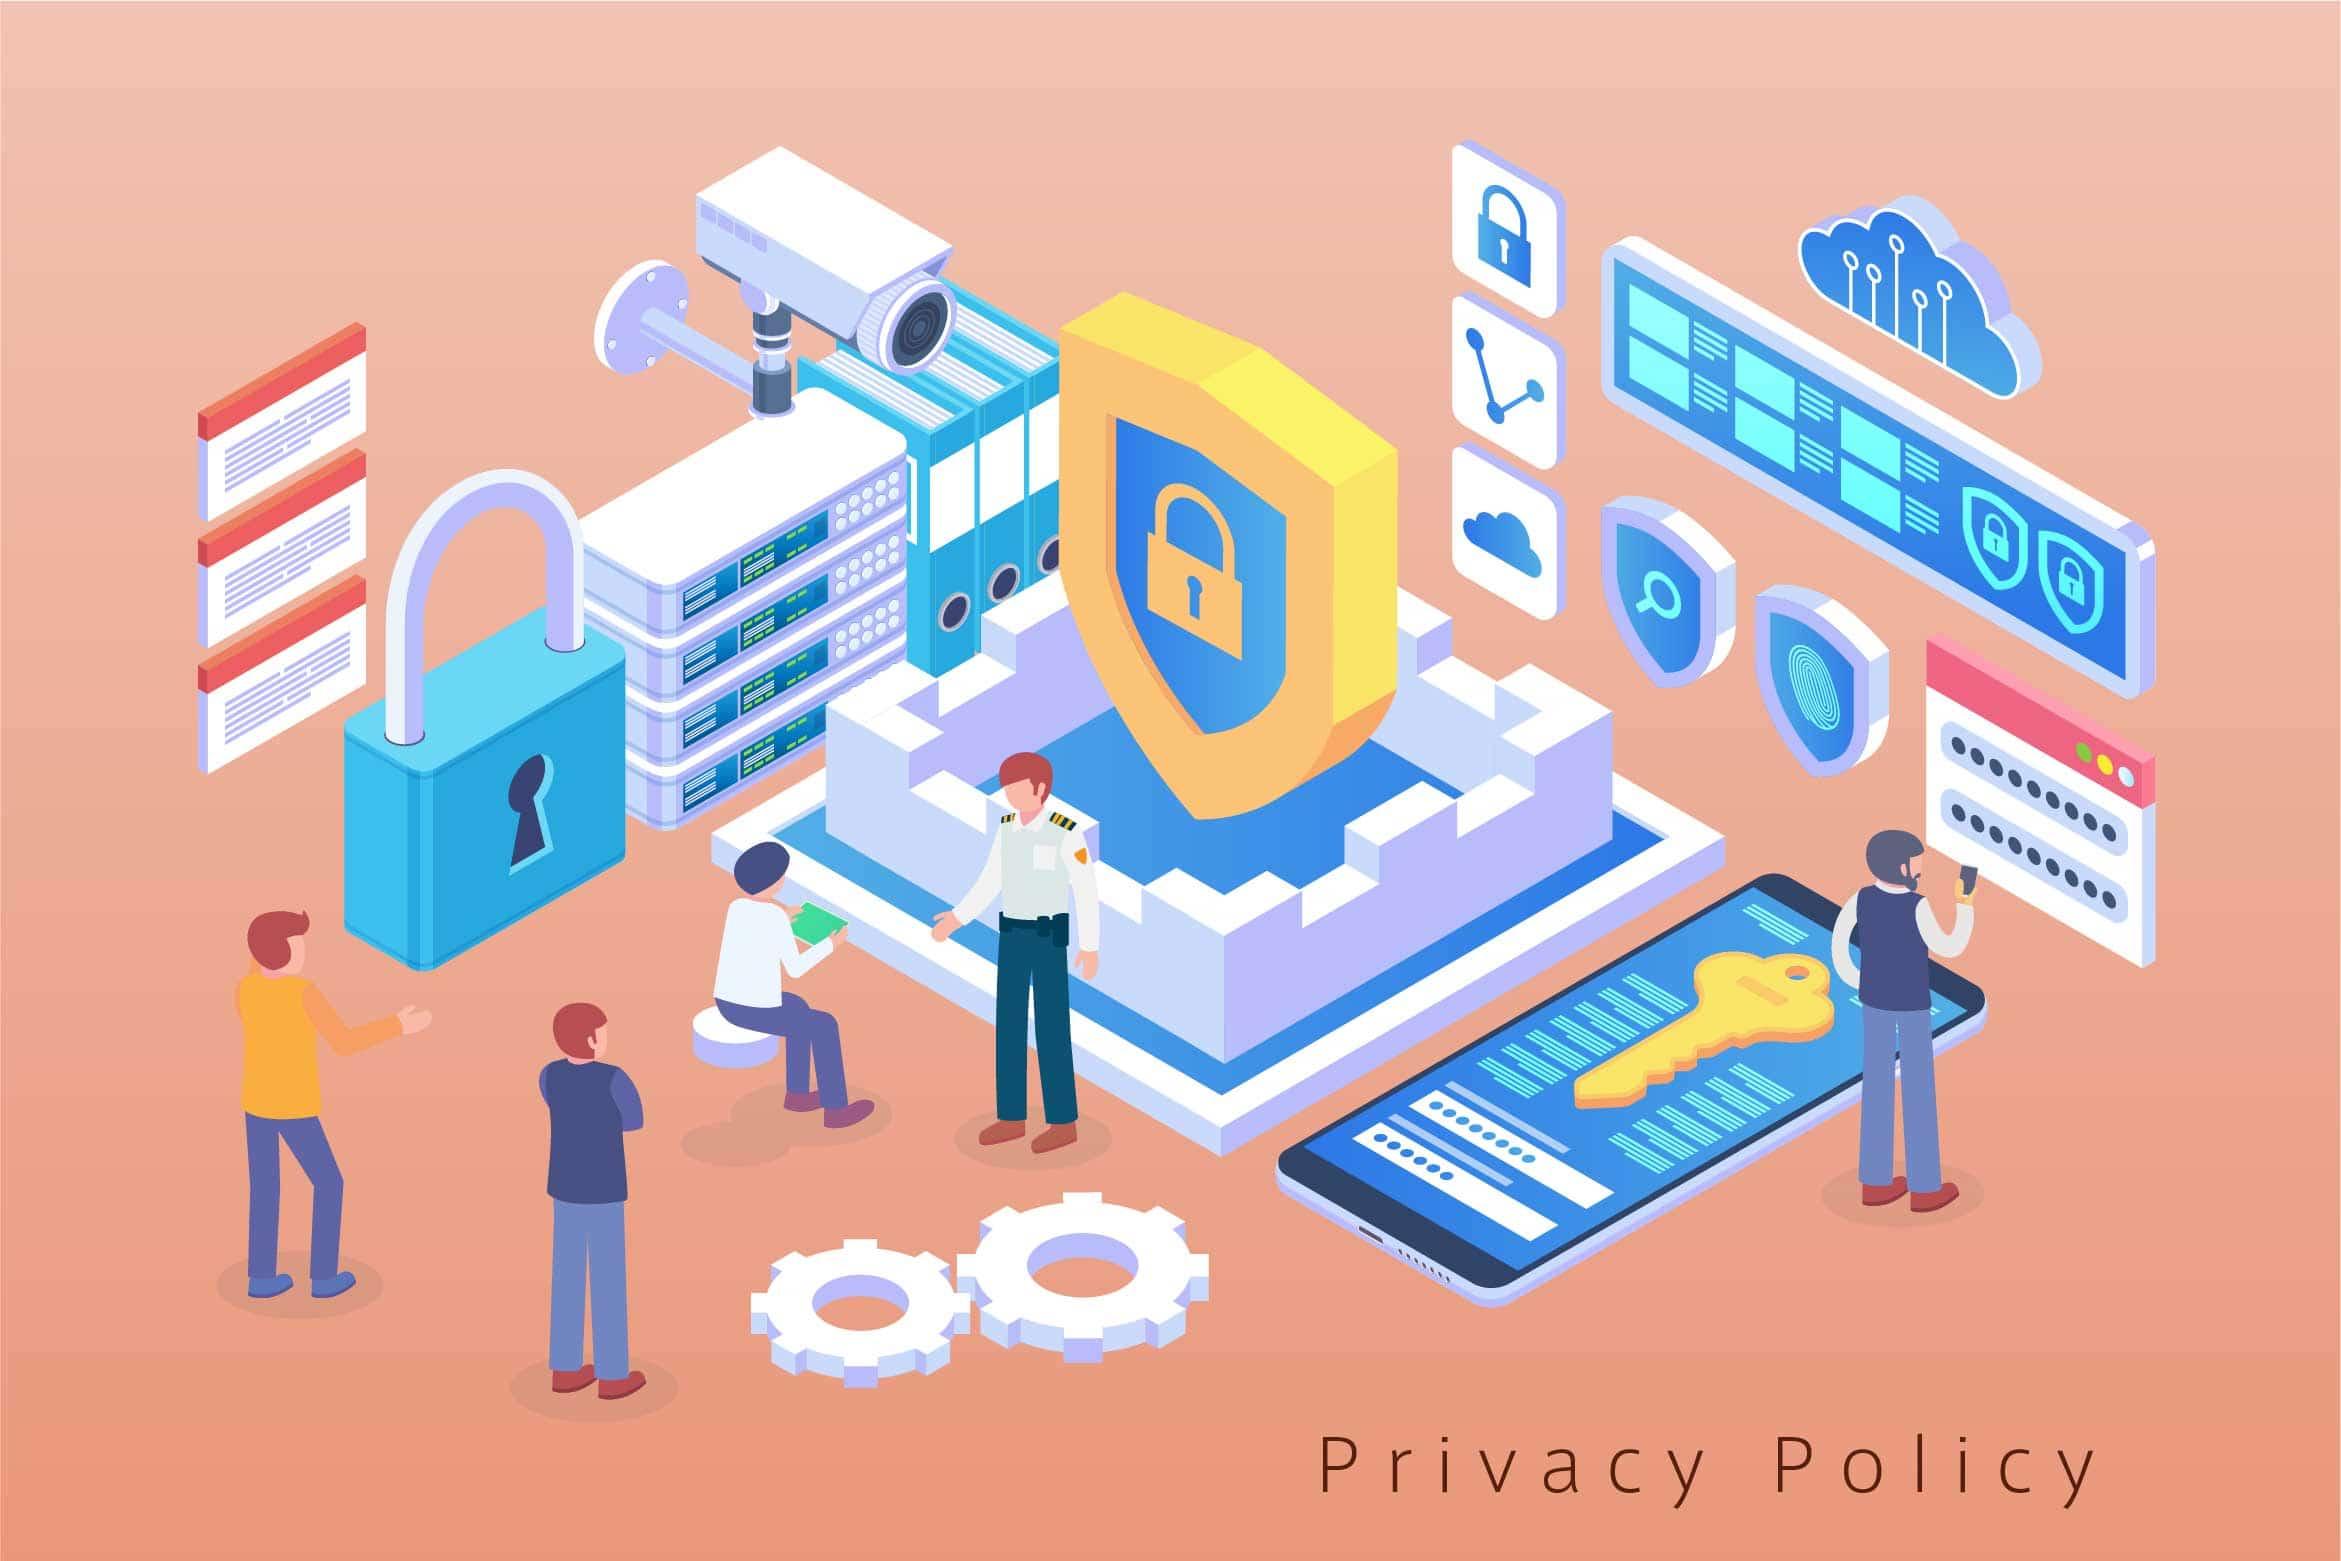 ホームページにプライバシーポリシーは必要か?